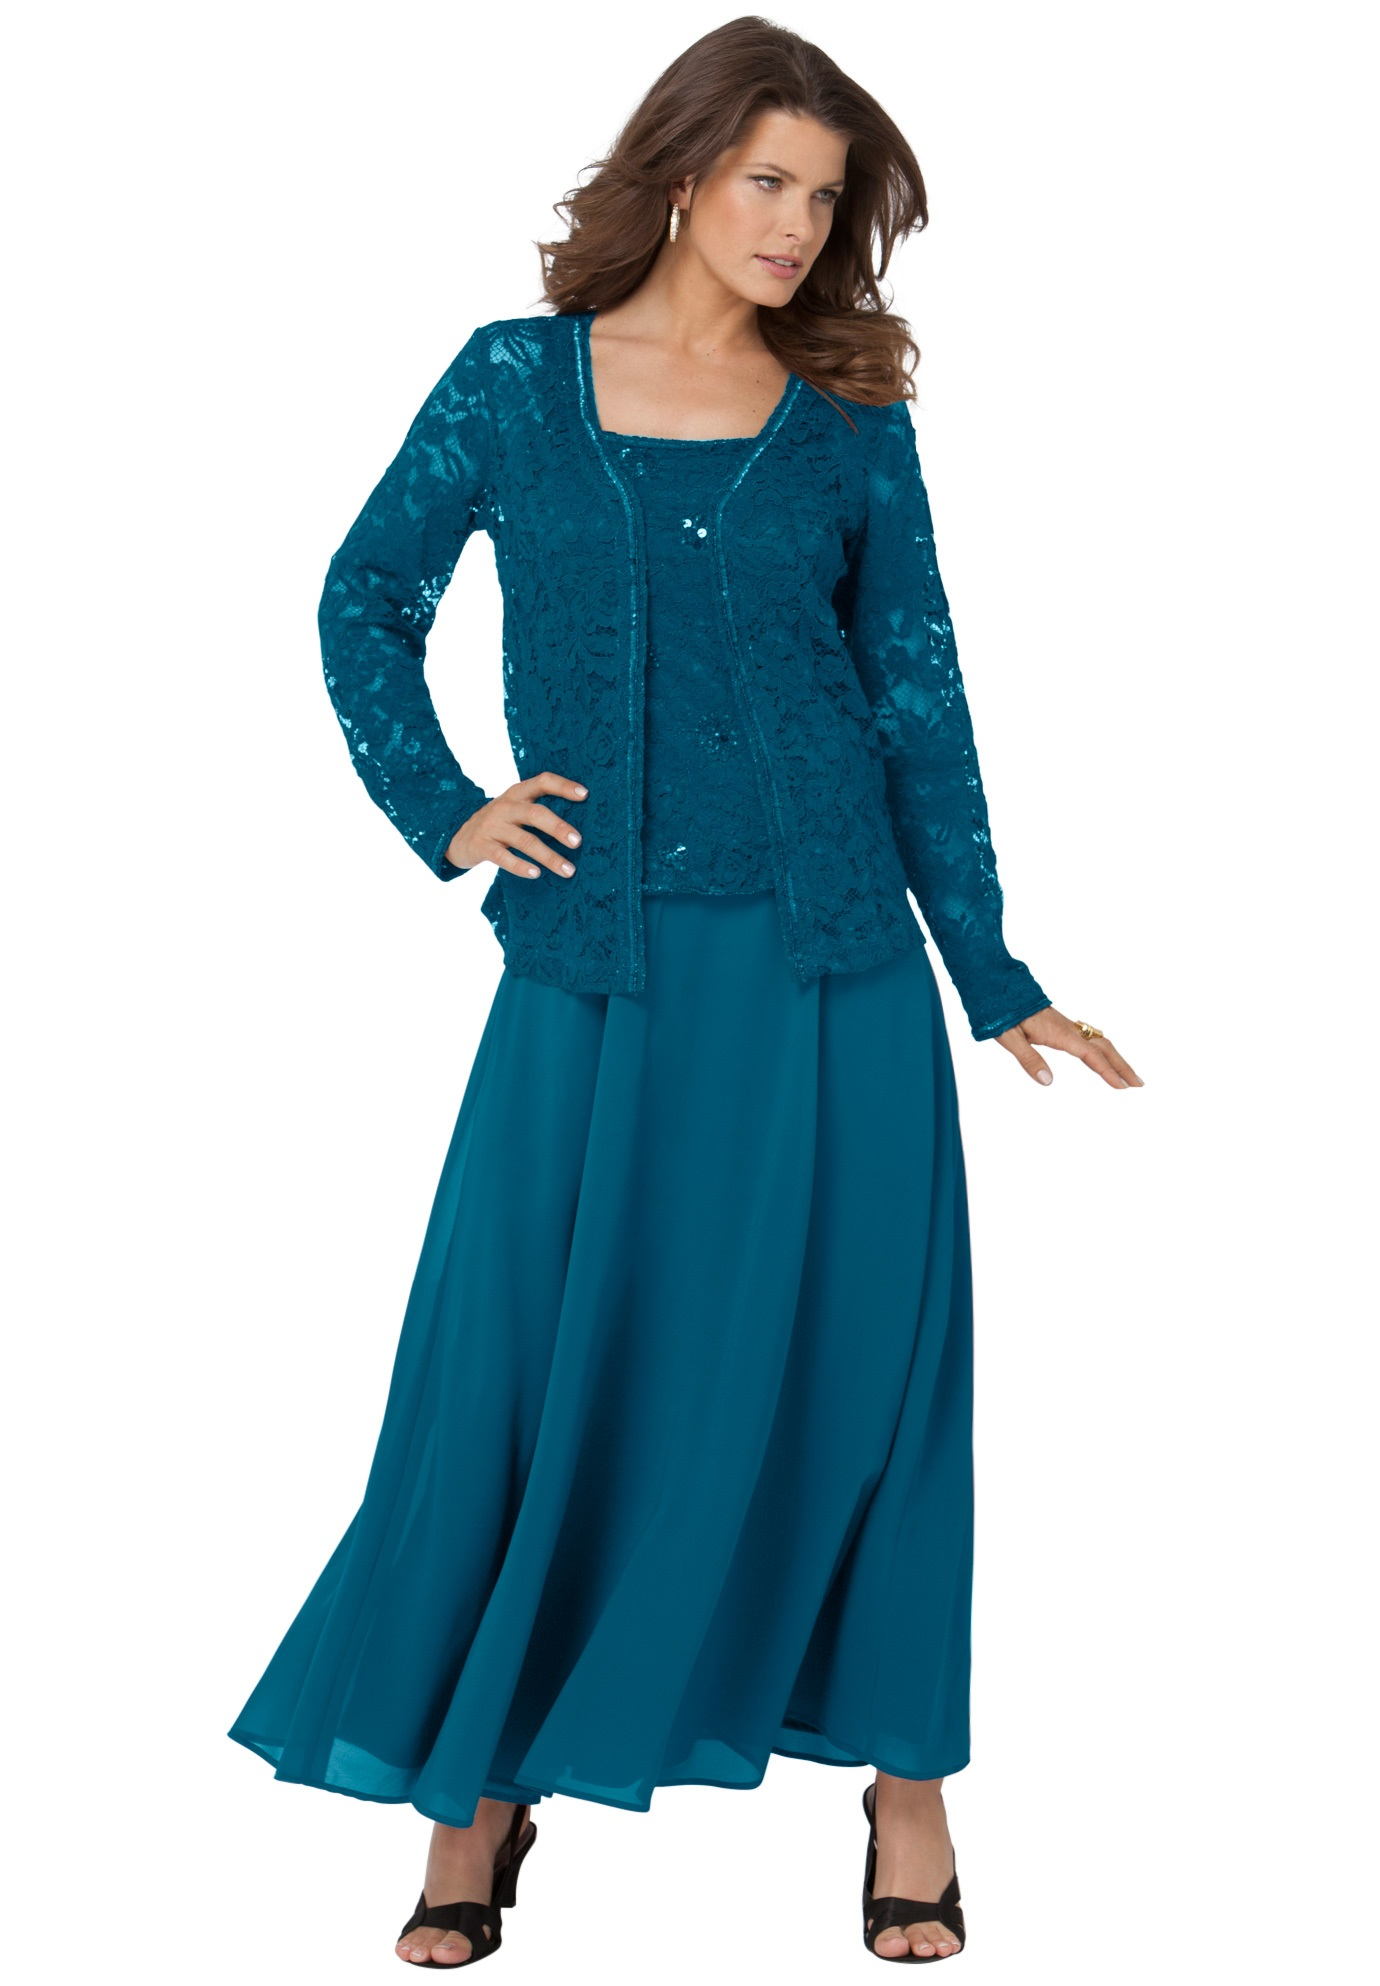 Beaded Lace Jacket Dress Plus Size Dresses Roamans